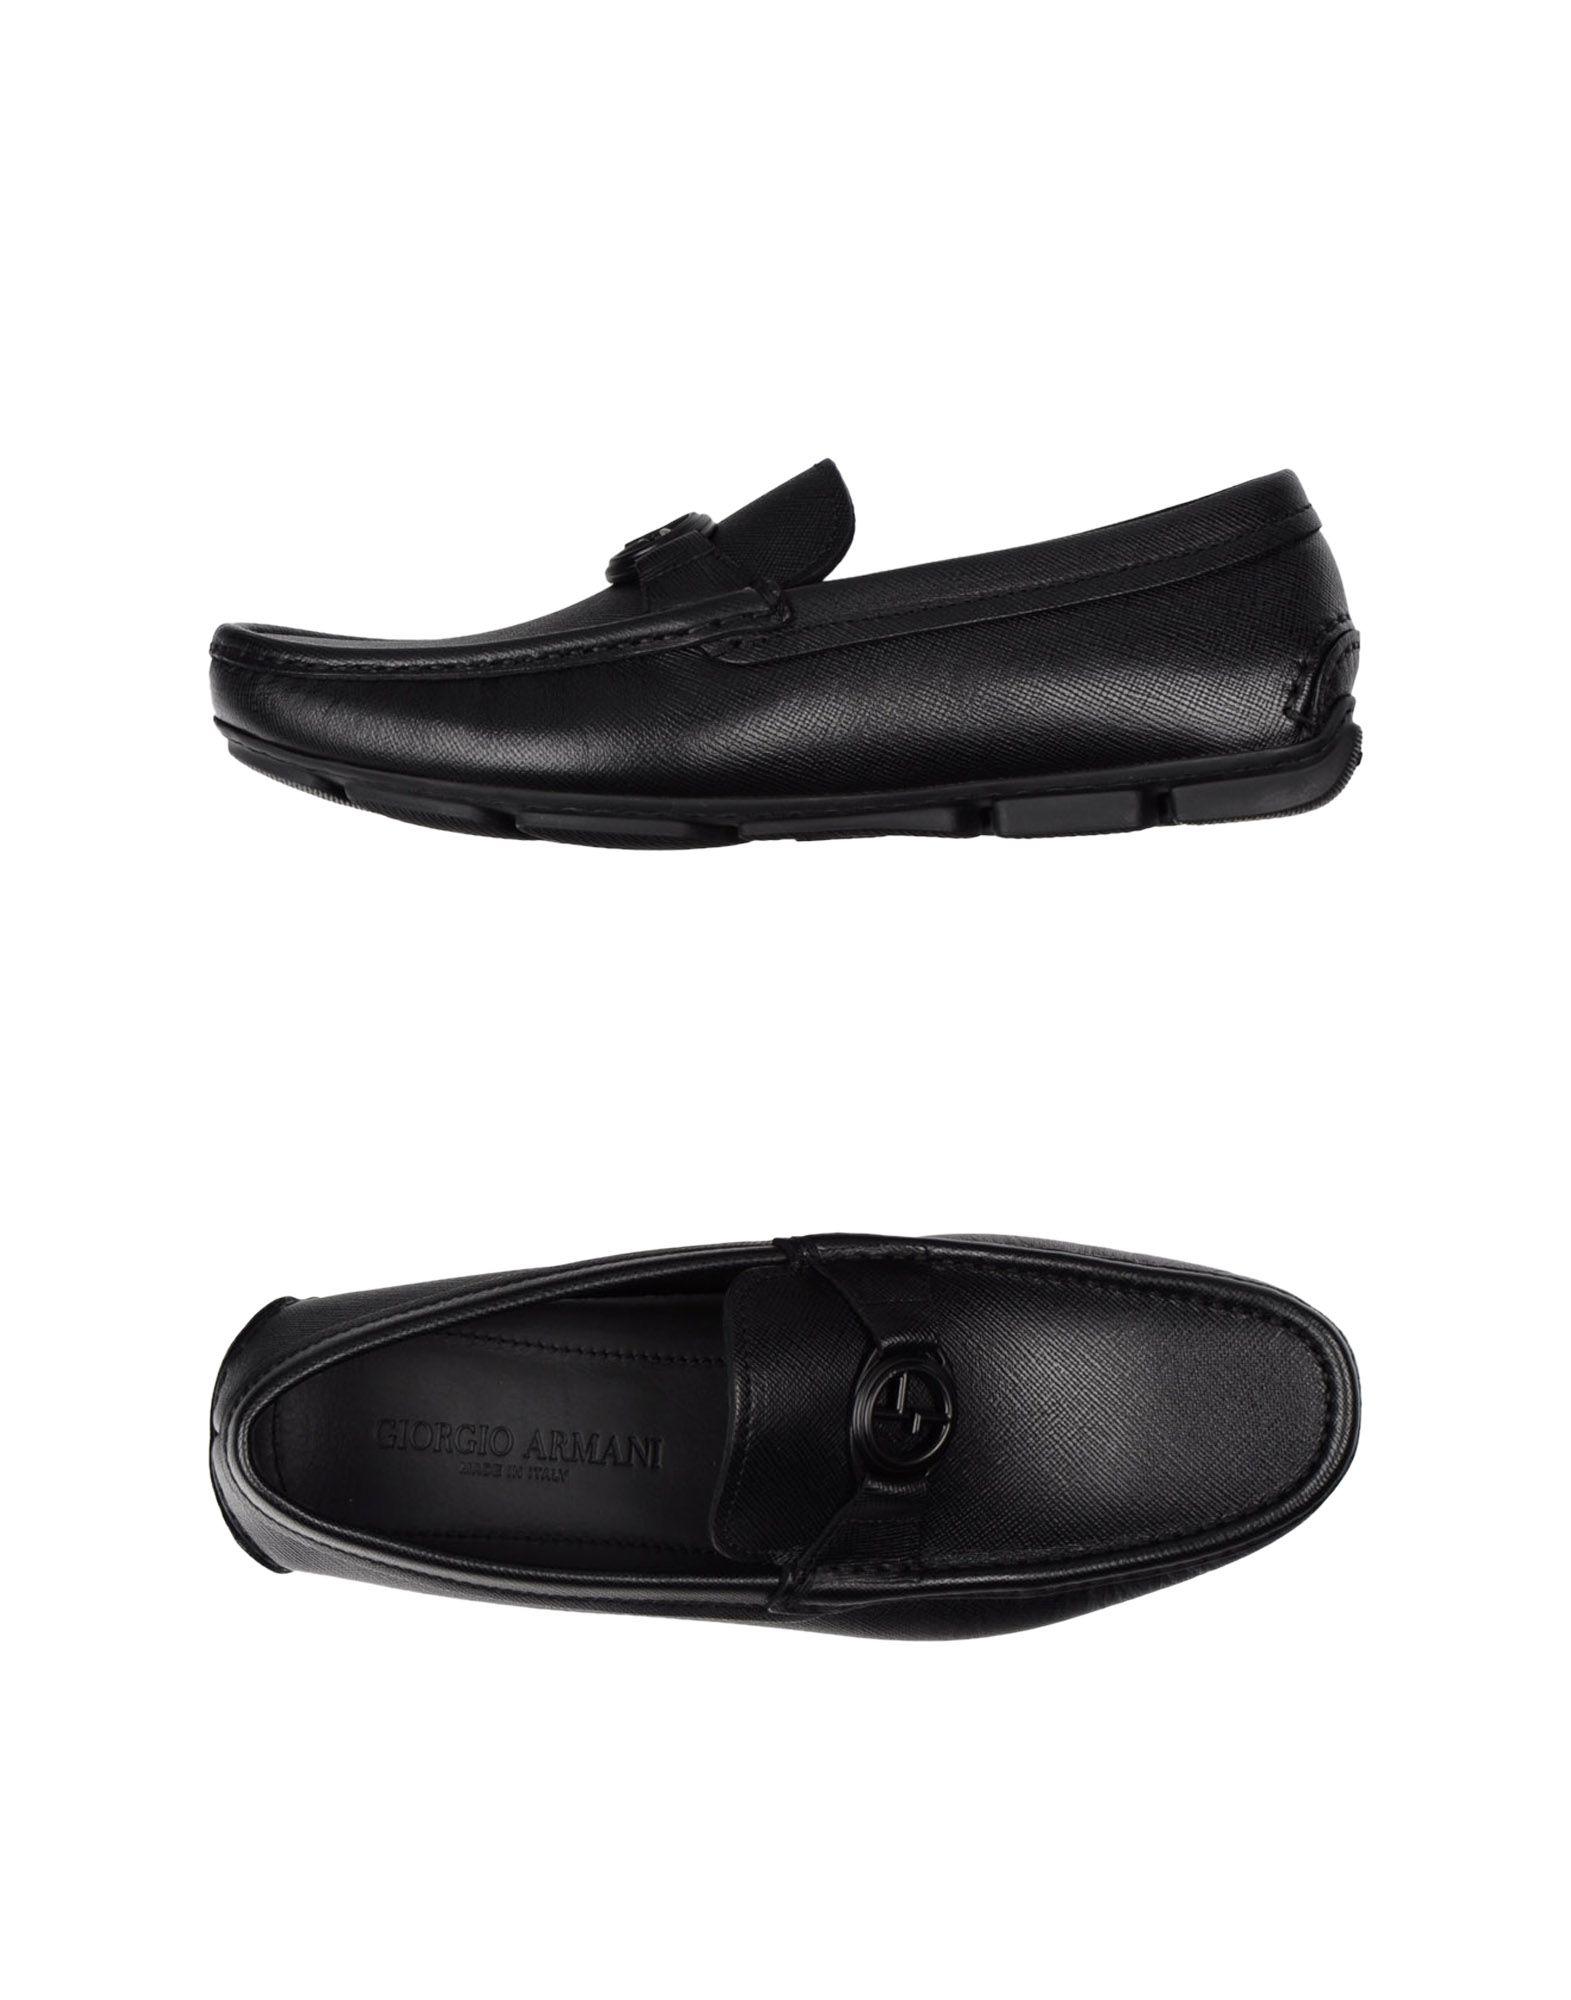 Giorgio Armani Loafers - Men Giorgio Armani Loafers online 44913008ME on  Australia - 44913008ME online 6de9a1